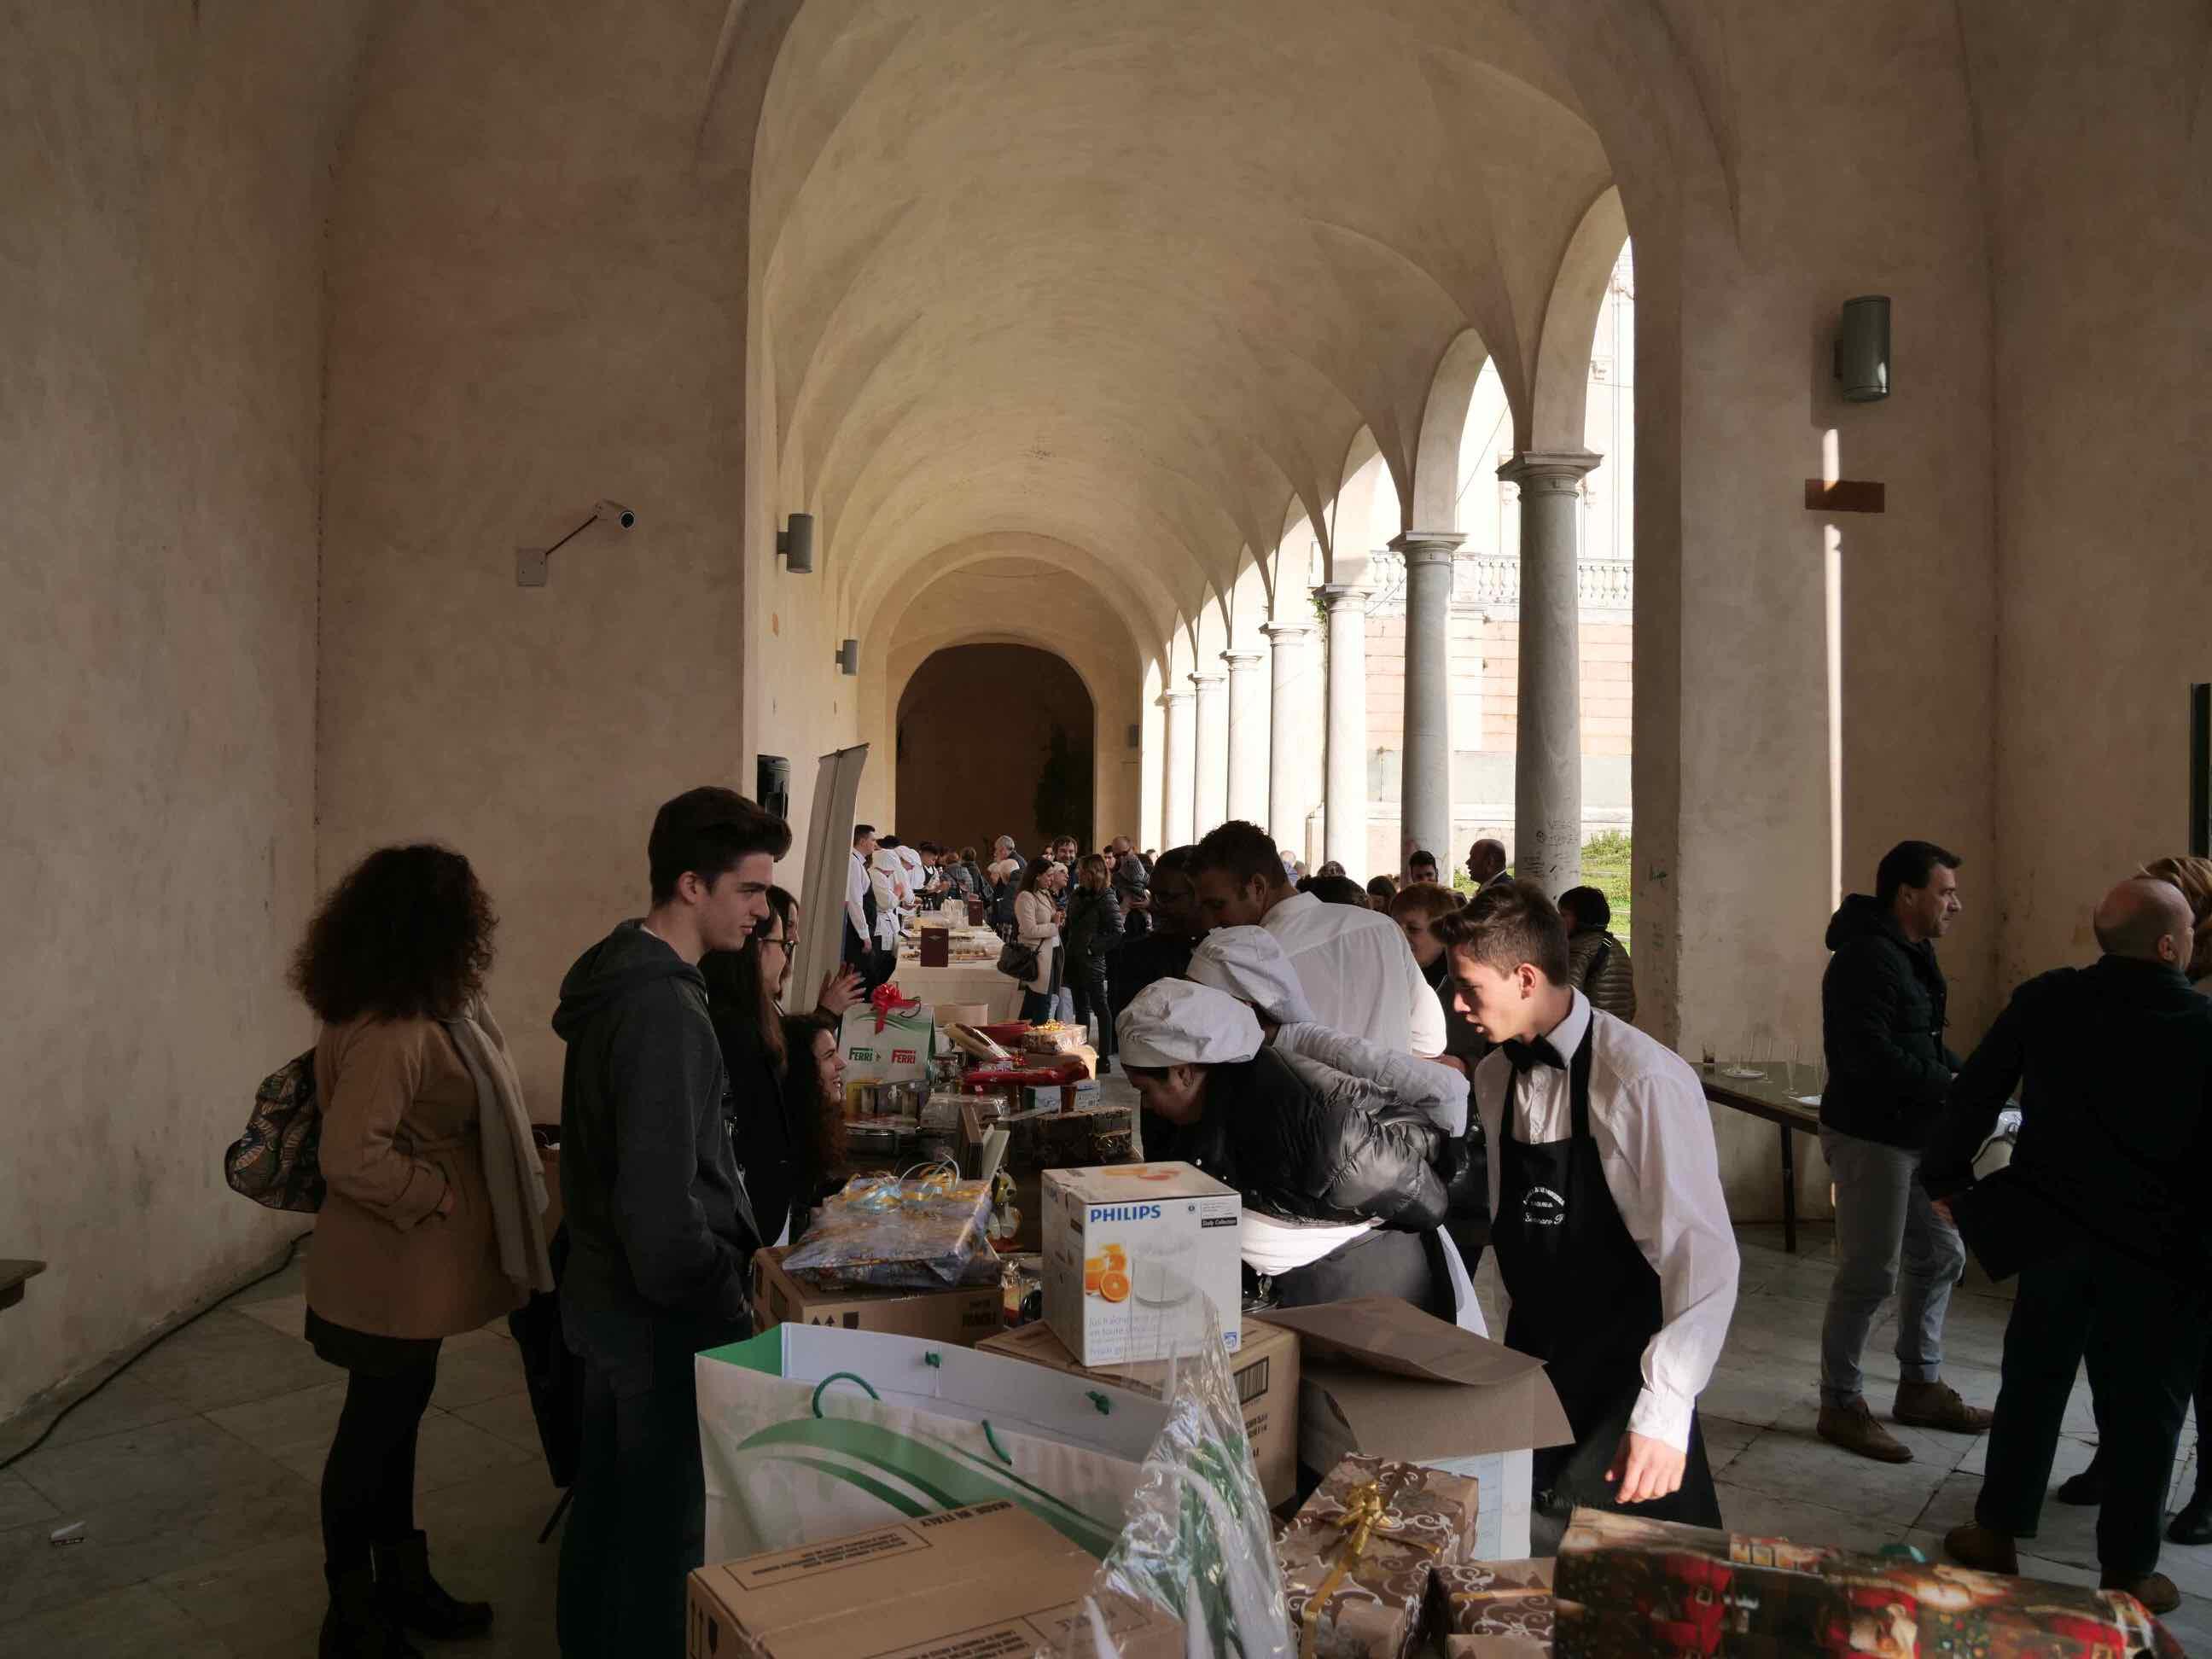 Torneo di pesto al mortaio e aperitivo di beneficienza a cura della Scuola Alberghiera di Lavagna - 18